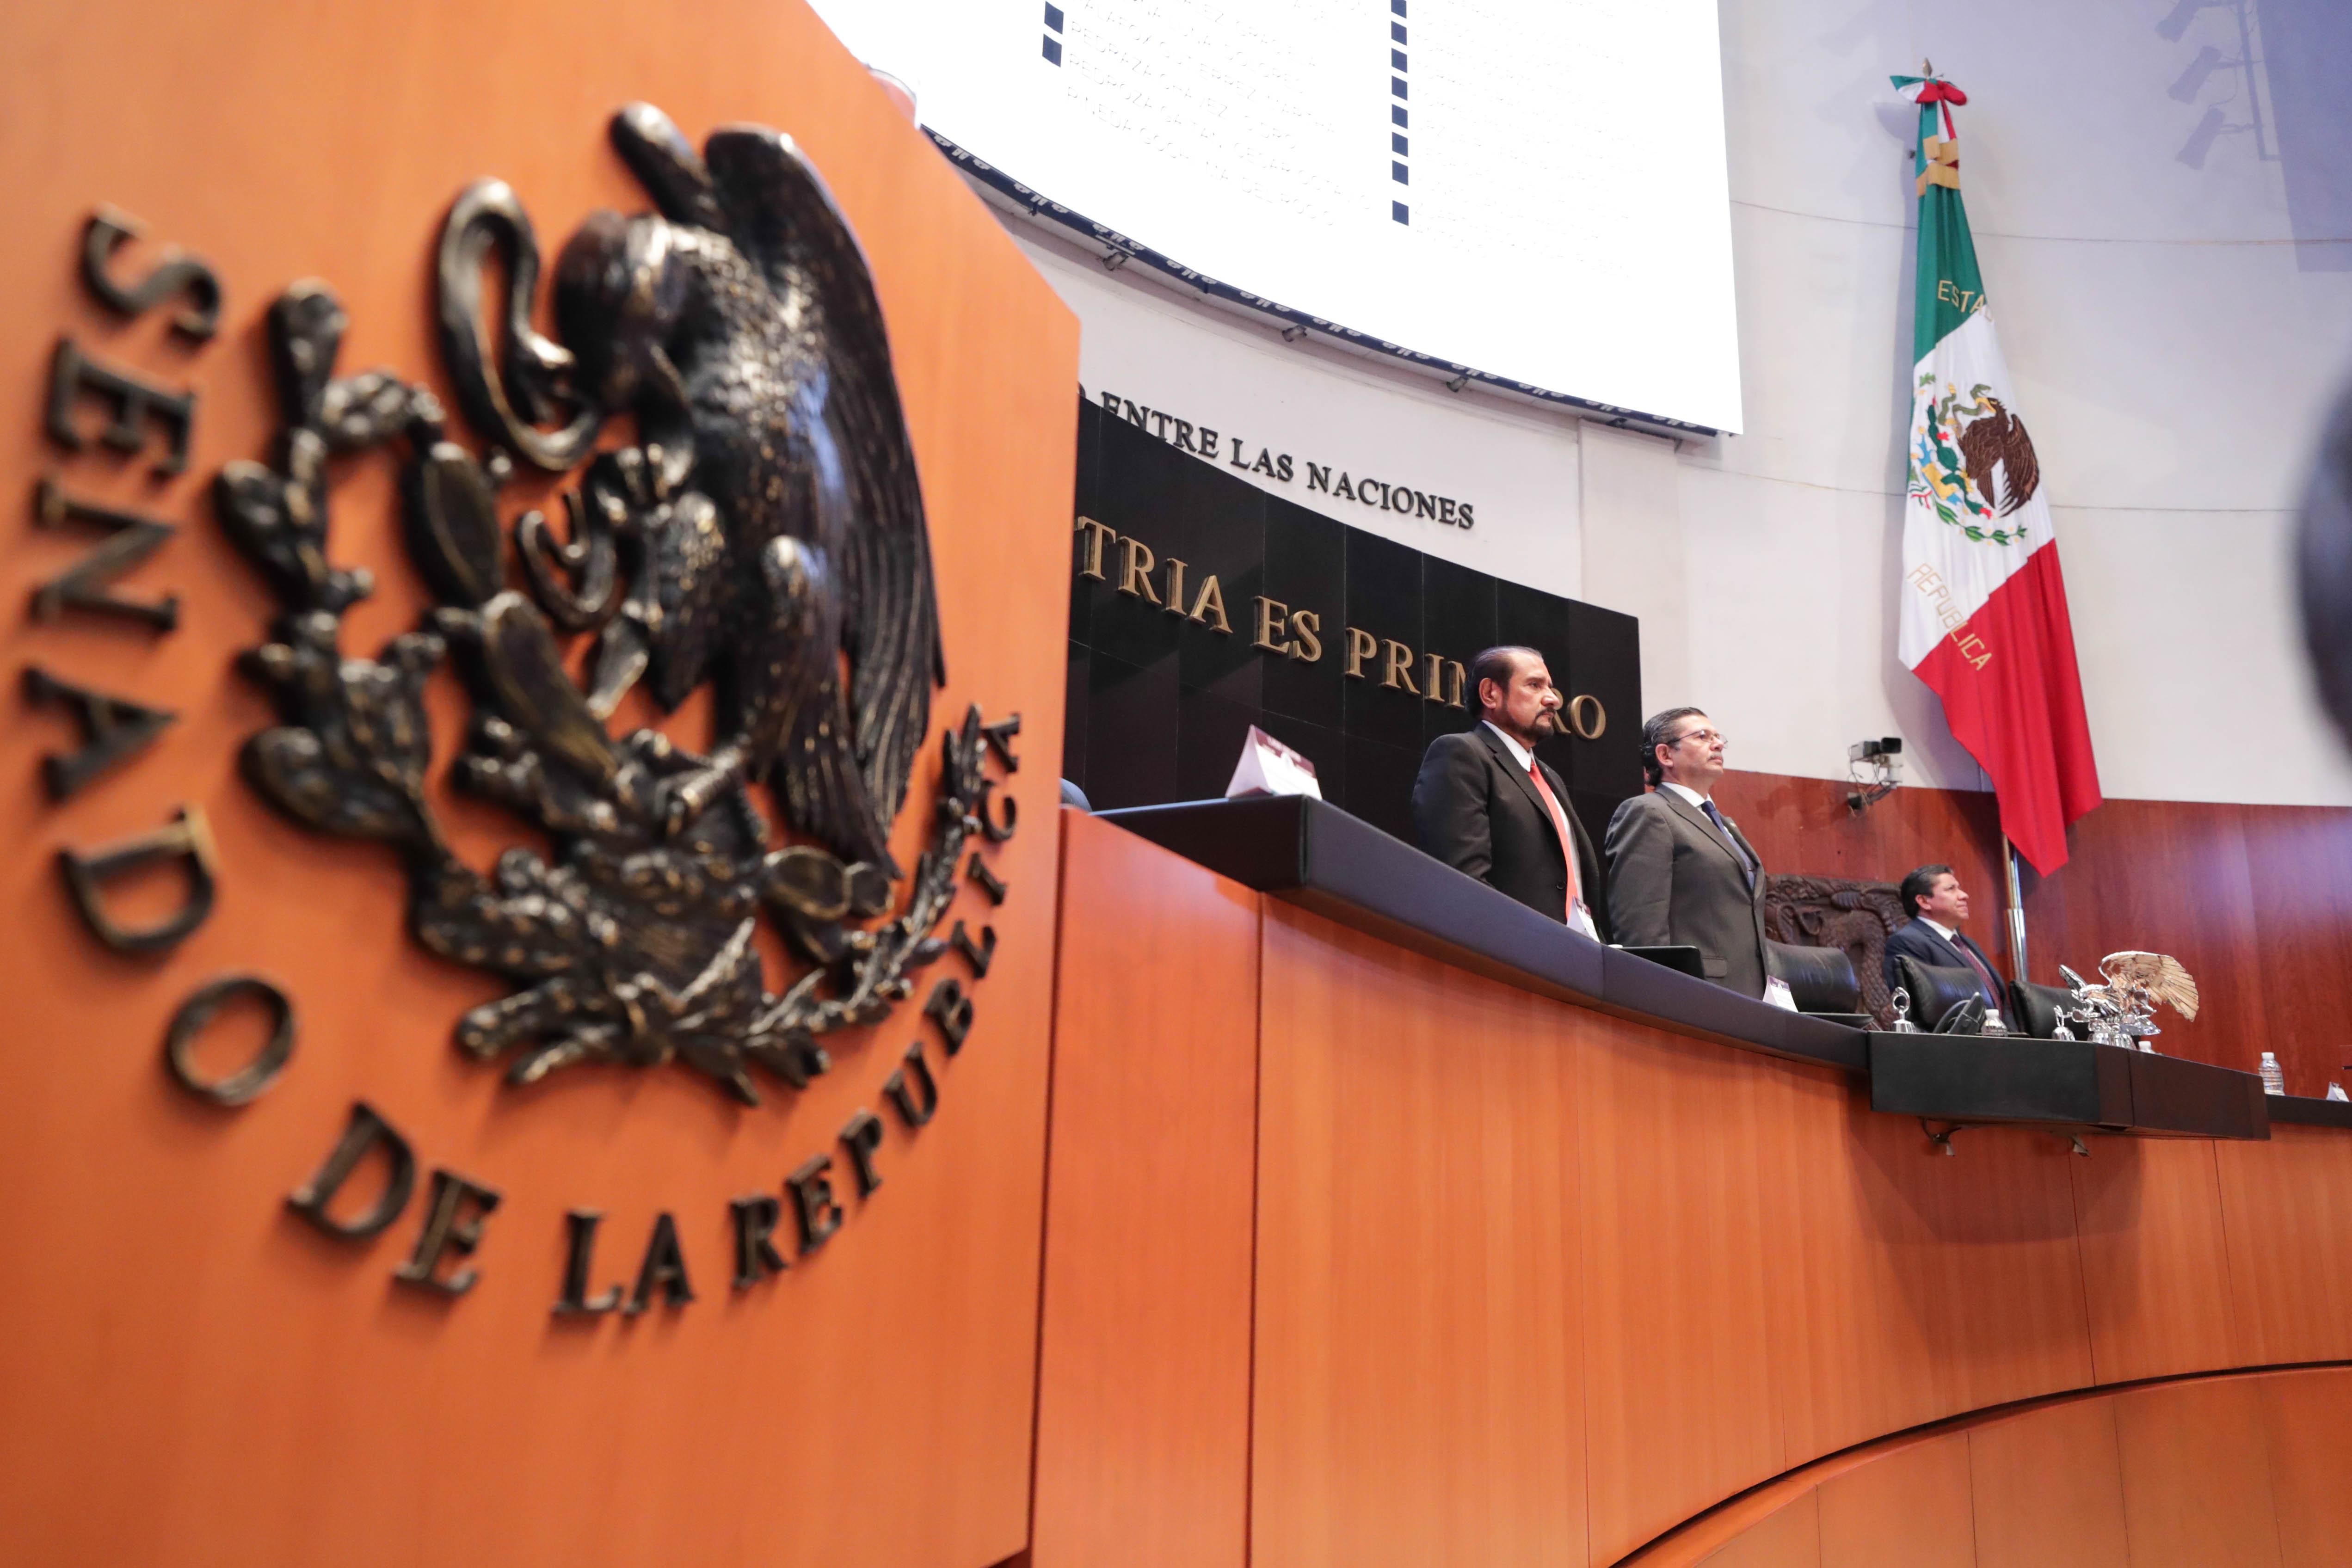 Maria Elena Chapa Hernandez 5